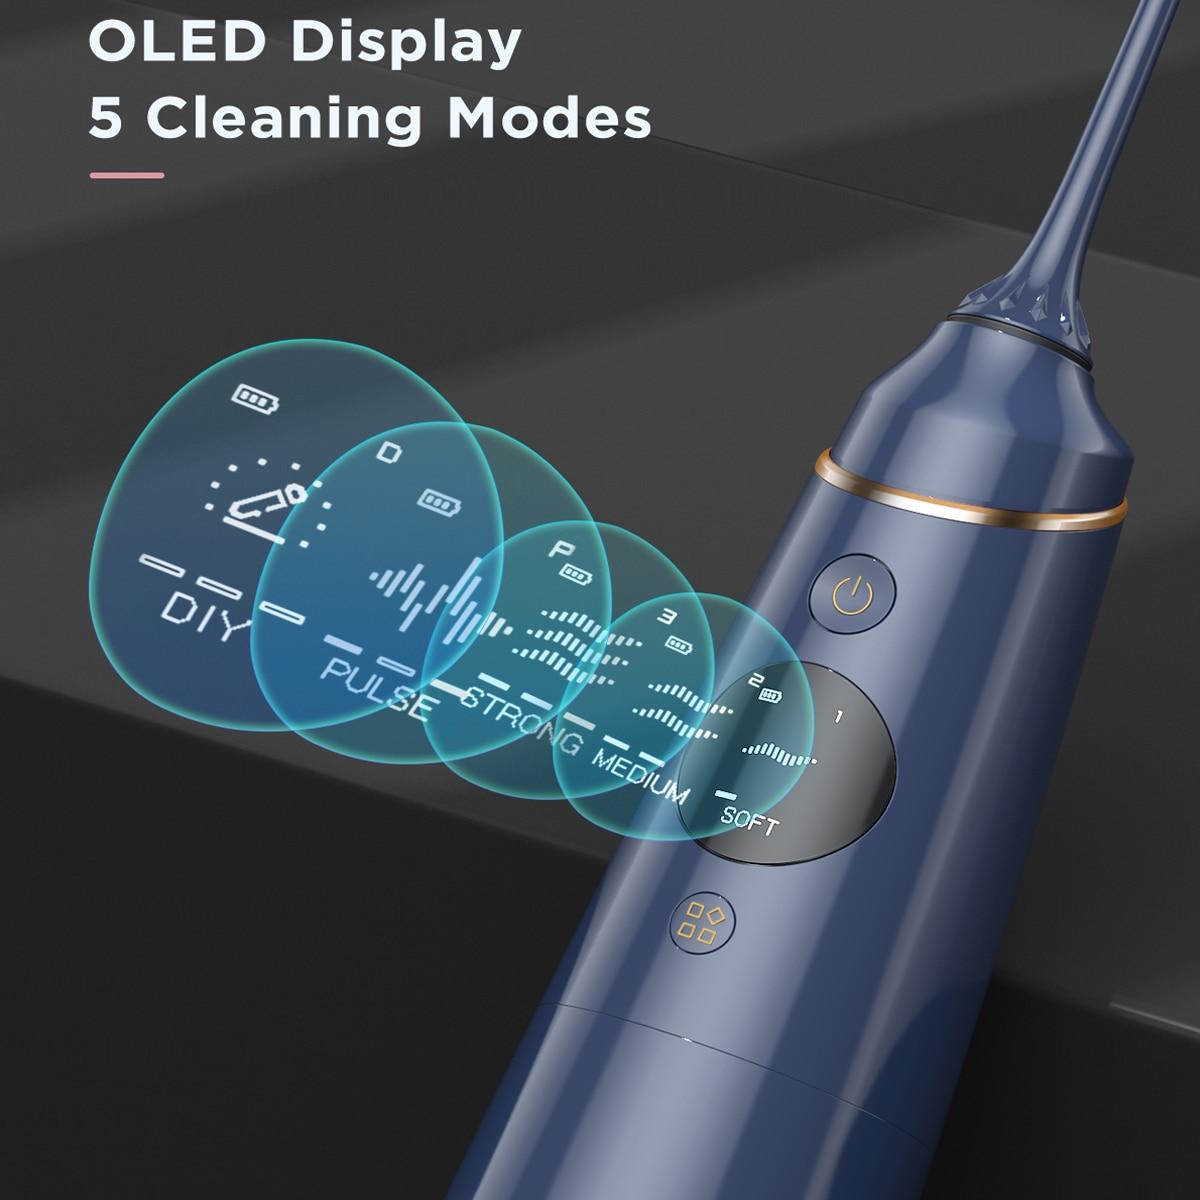 Liberex Water Flosser Oral Irrigator Portable Dental Water 5 Nozzles Water Jet 5 Cleansing Modes IPX7 Waterproof Teeth Cleaner enlarge